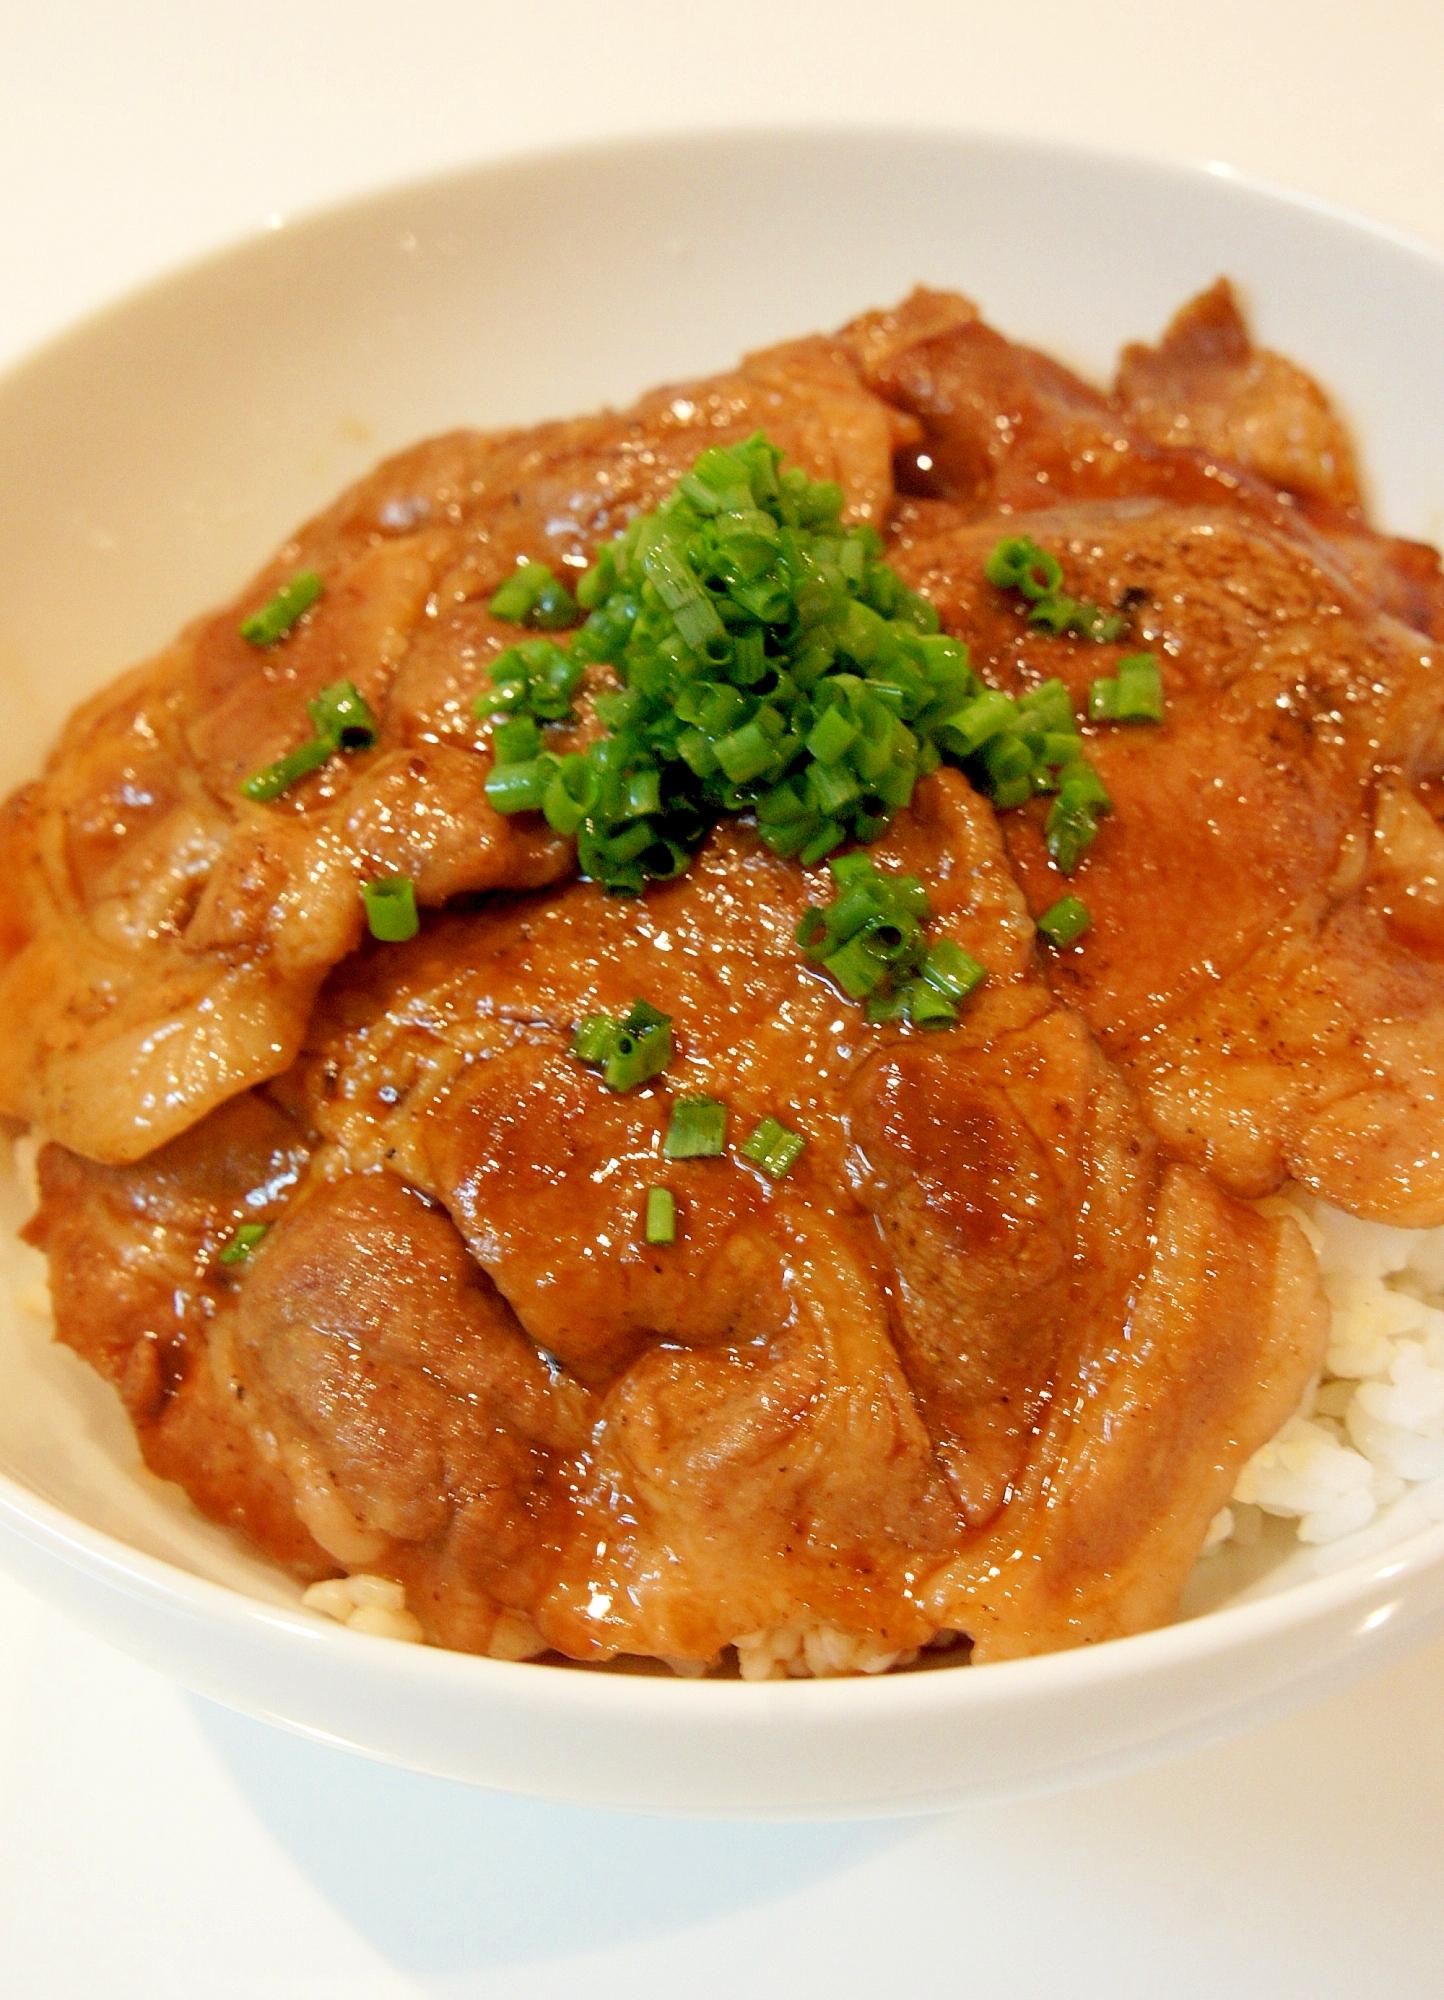 おうちで簡単☆北海道帯広名物♪豚丼 レシピ・作り方